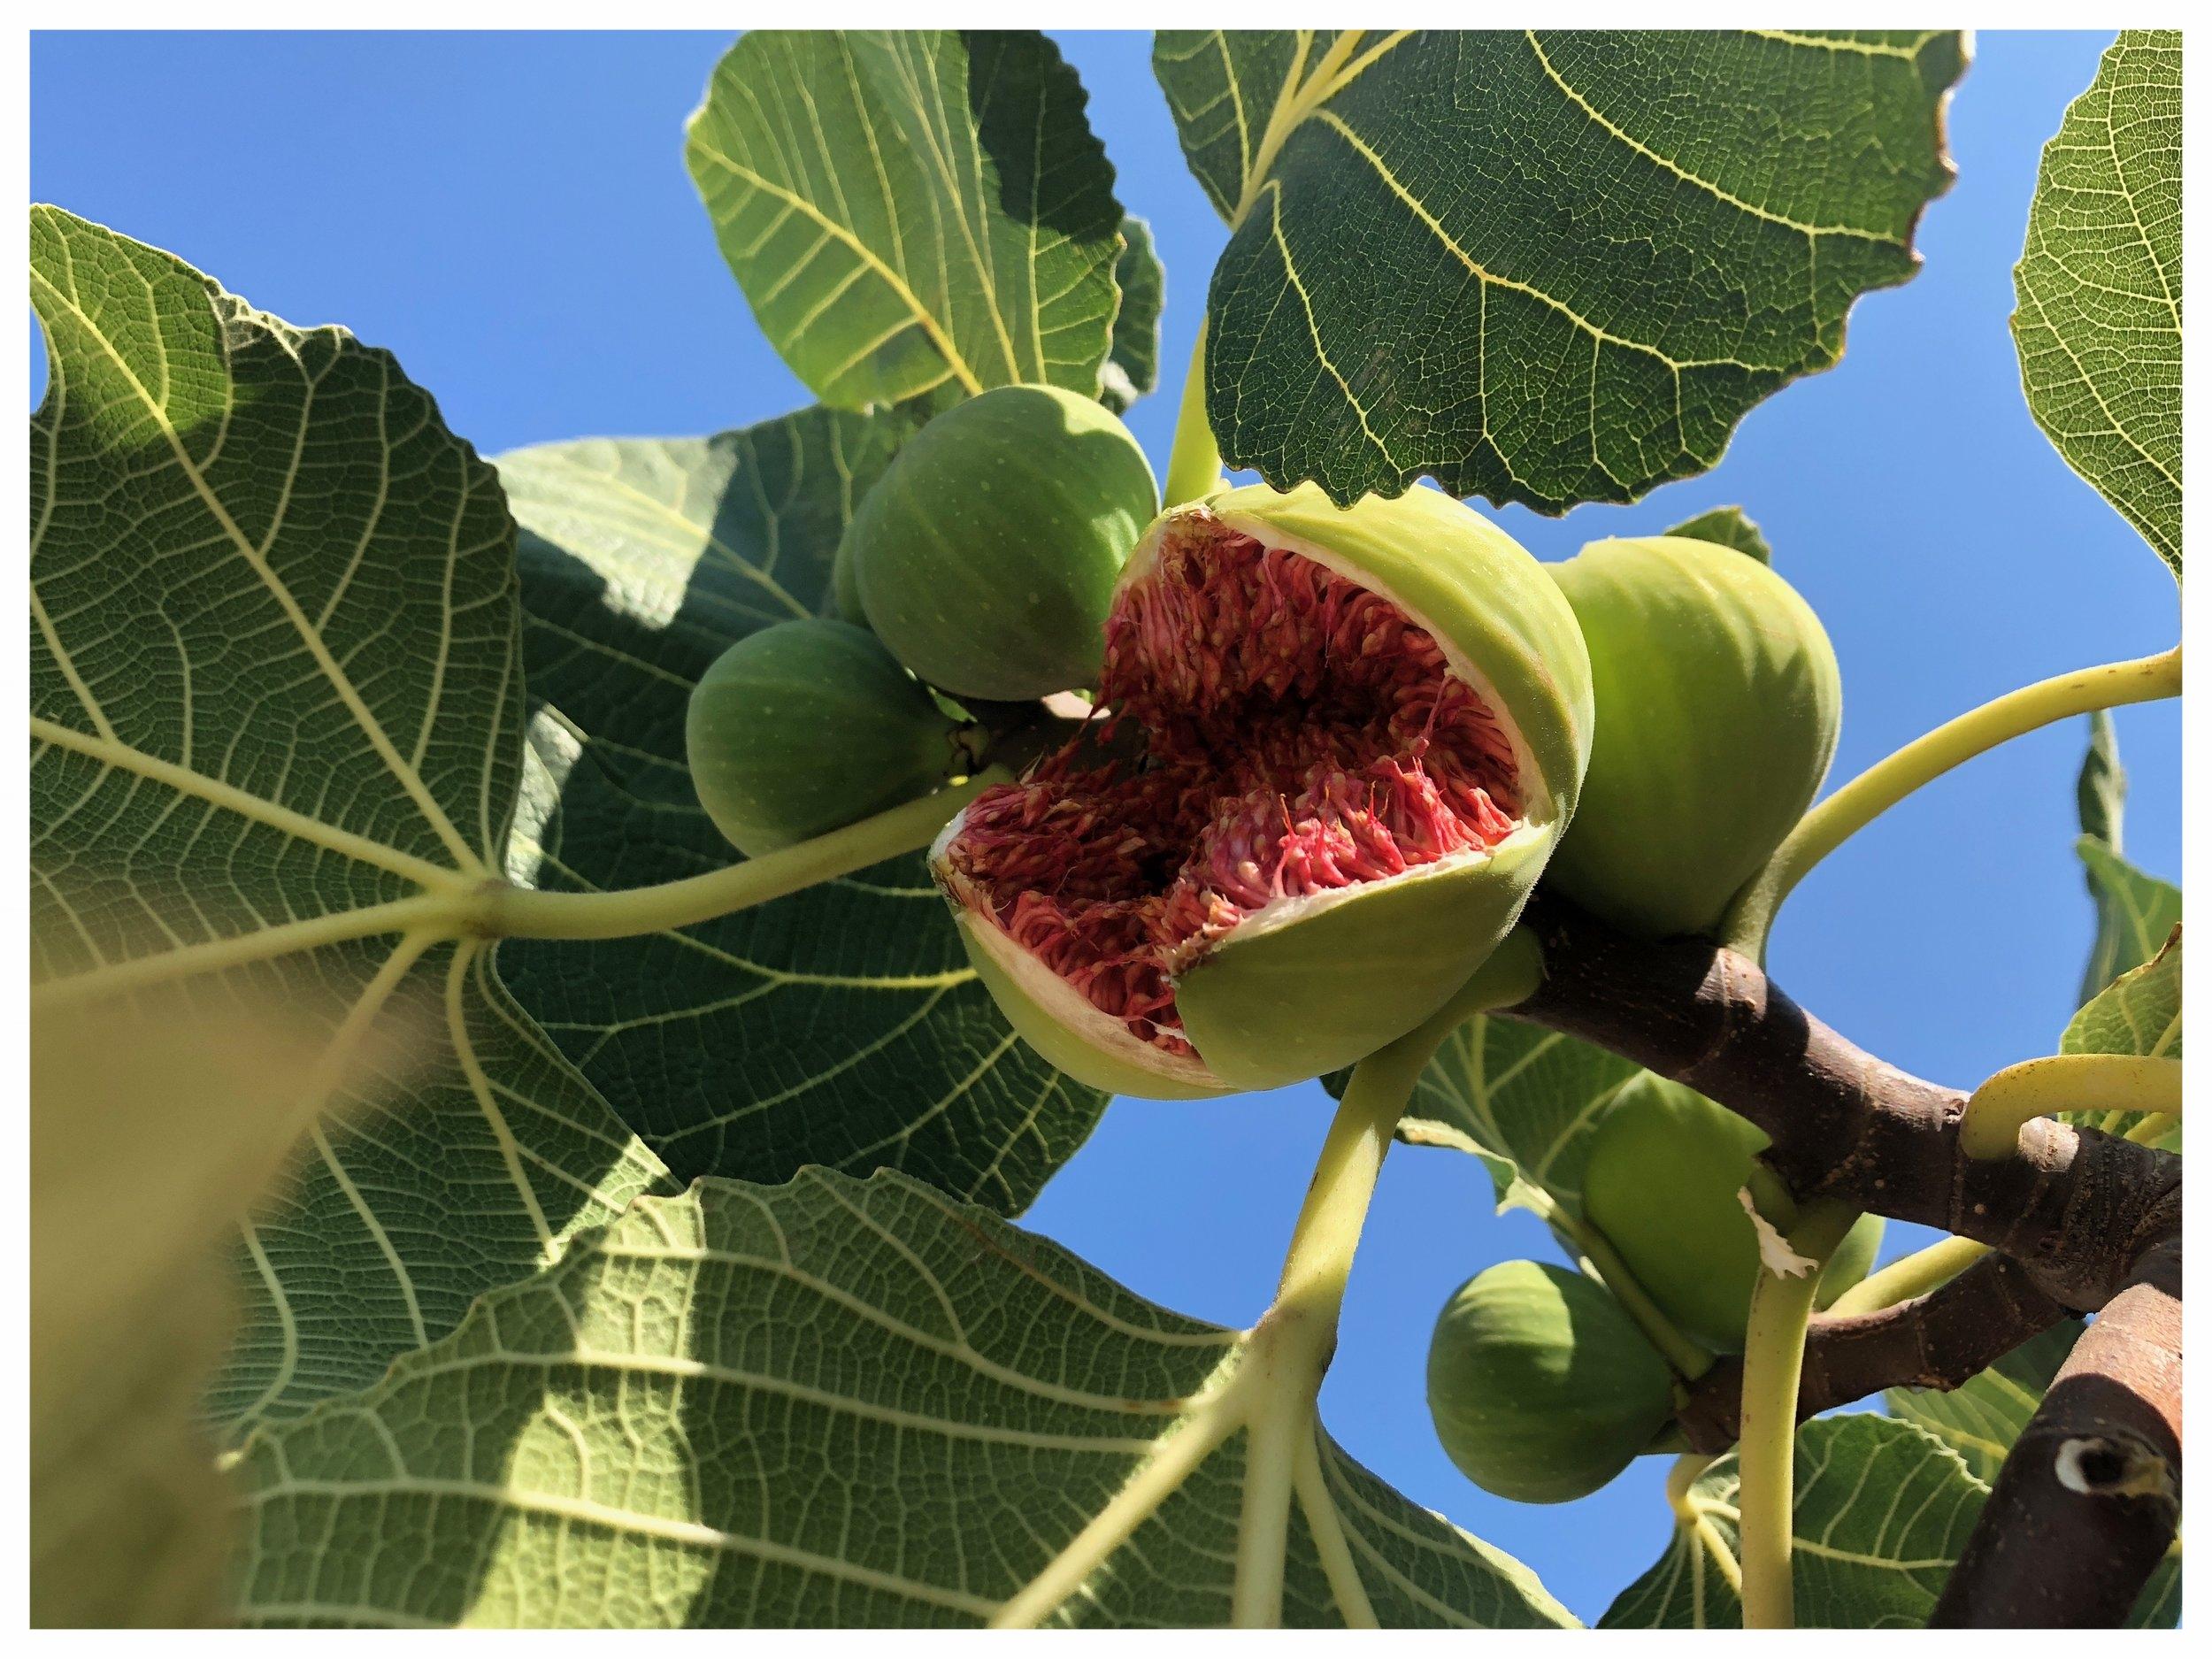 Fresh figs abound